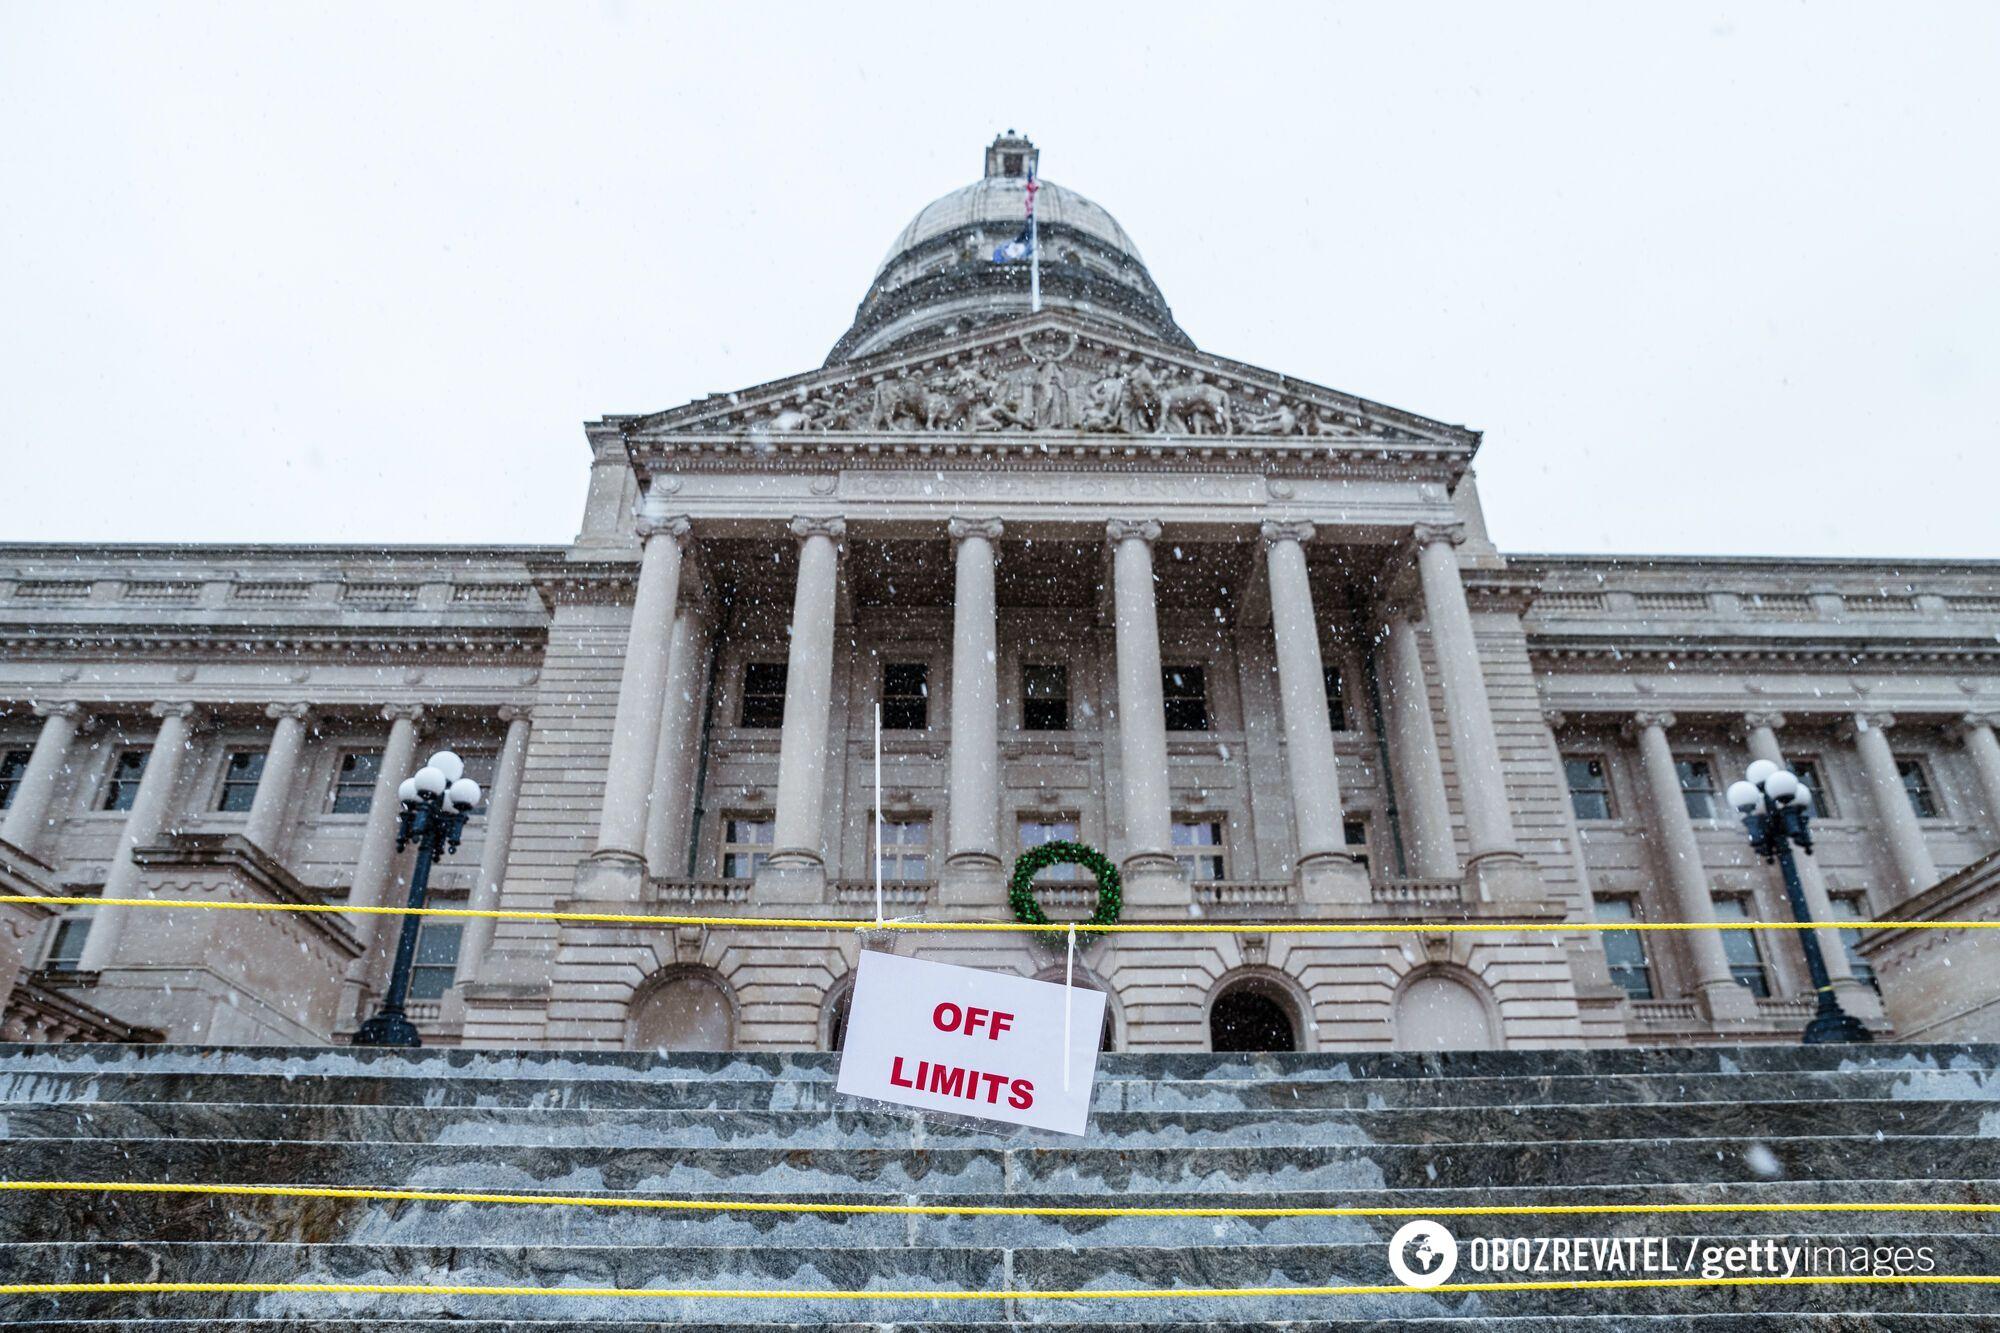 Загородження в центральній частині Вашингтона після 20 січня будуть зняті